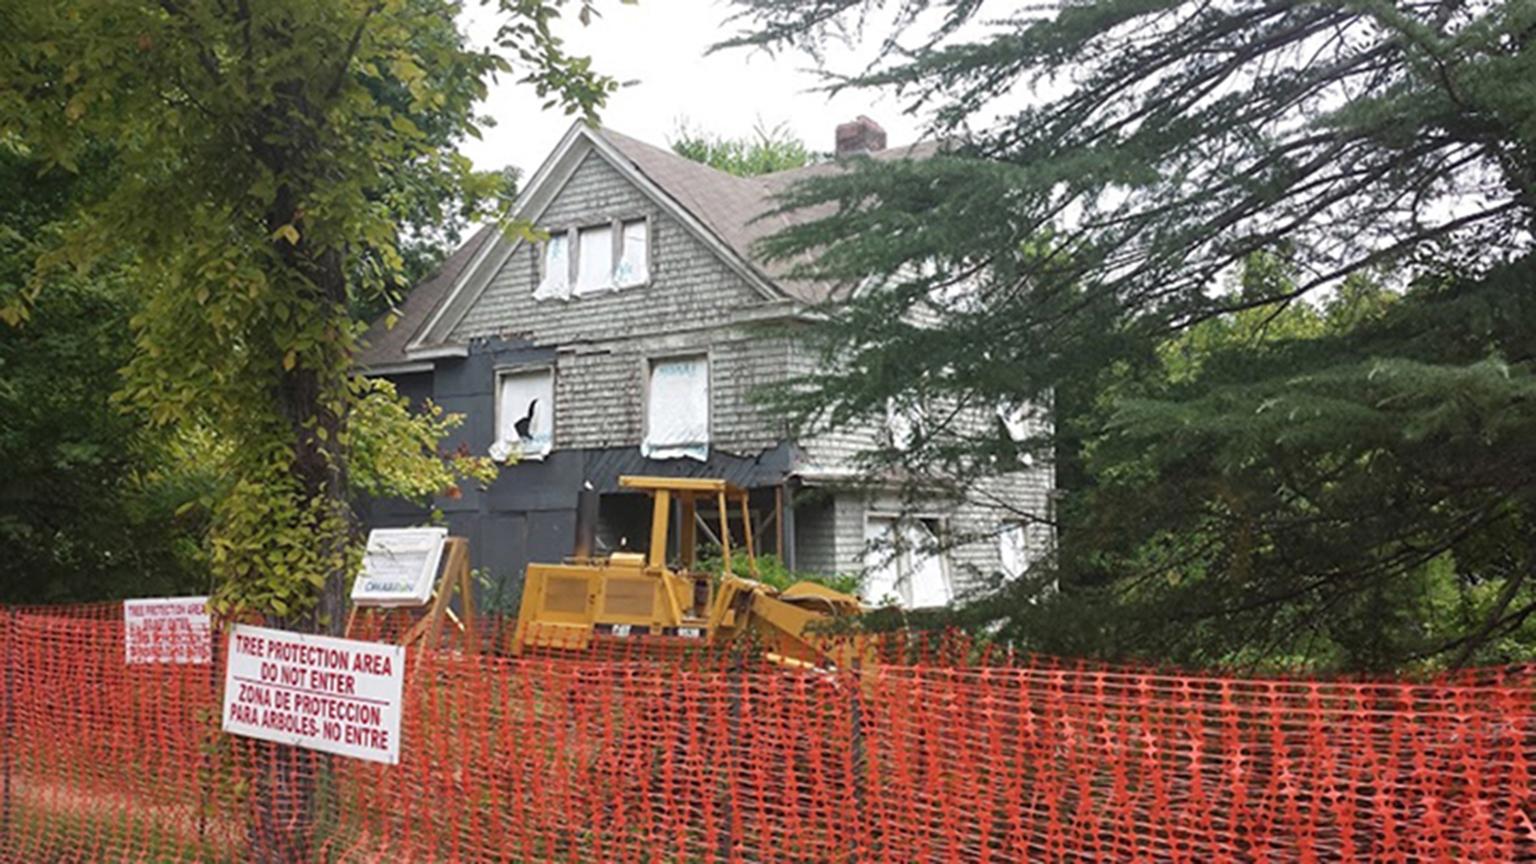 Edward Kidder Graham House - Before